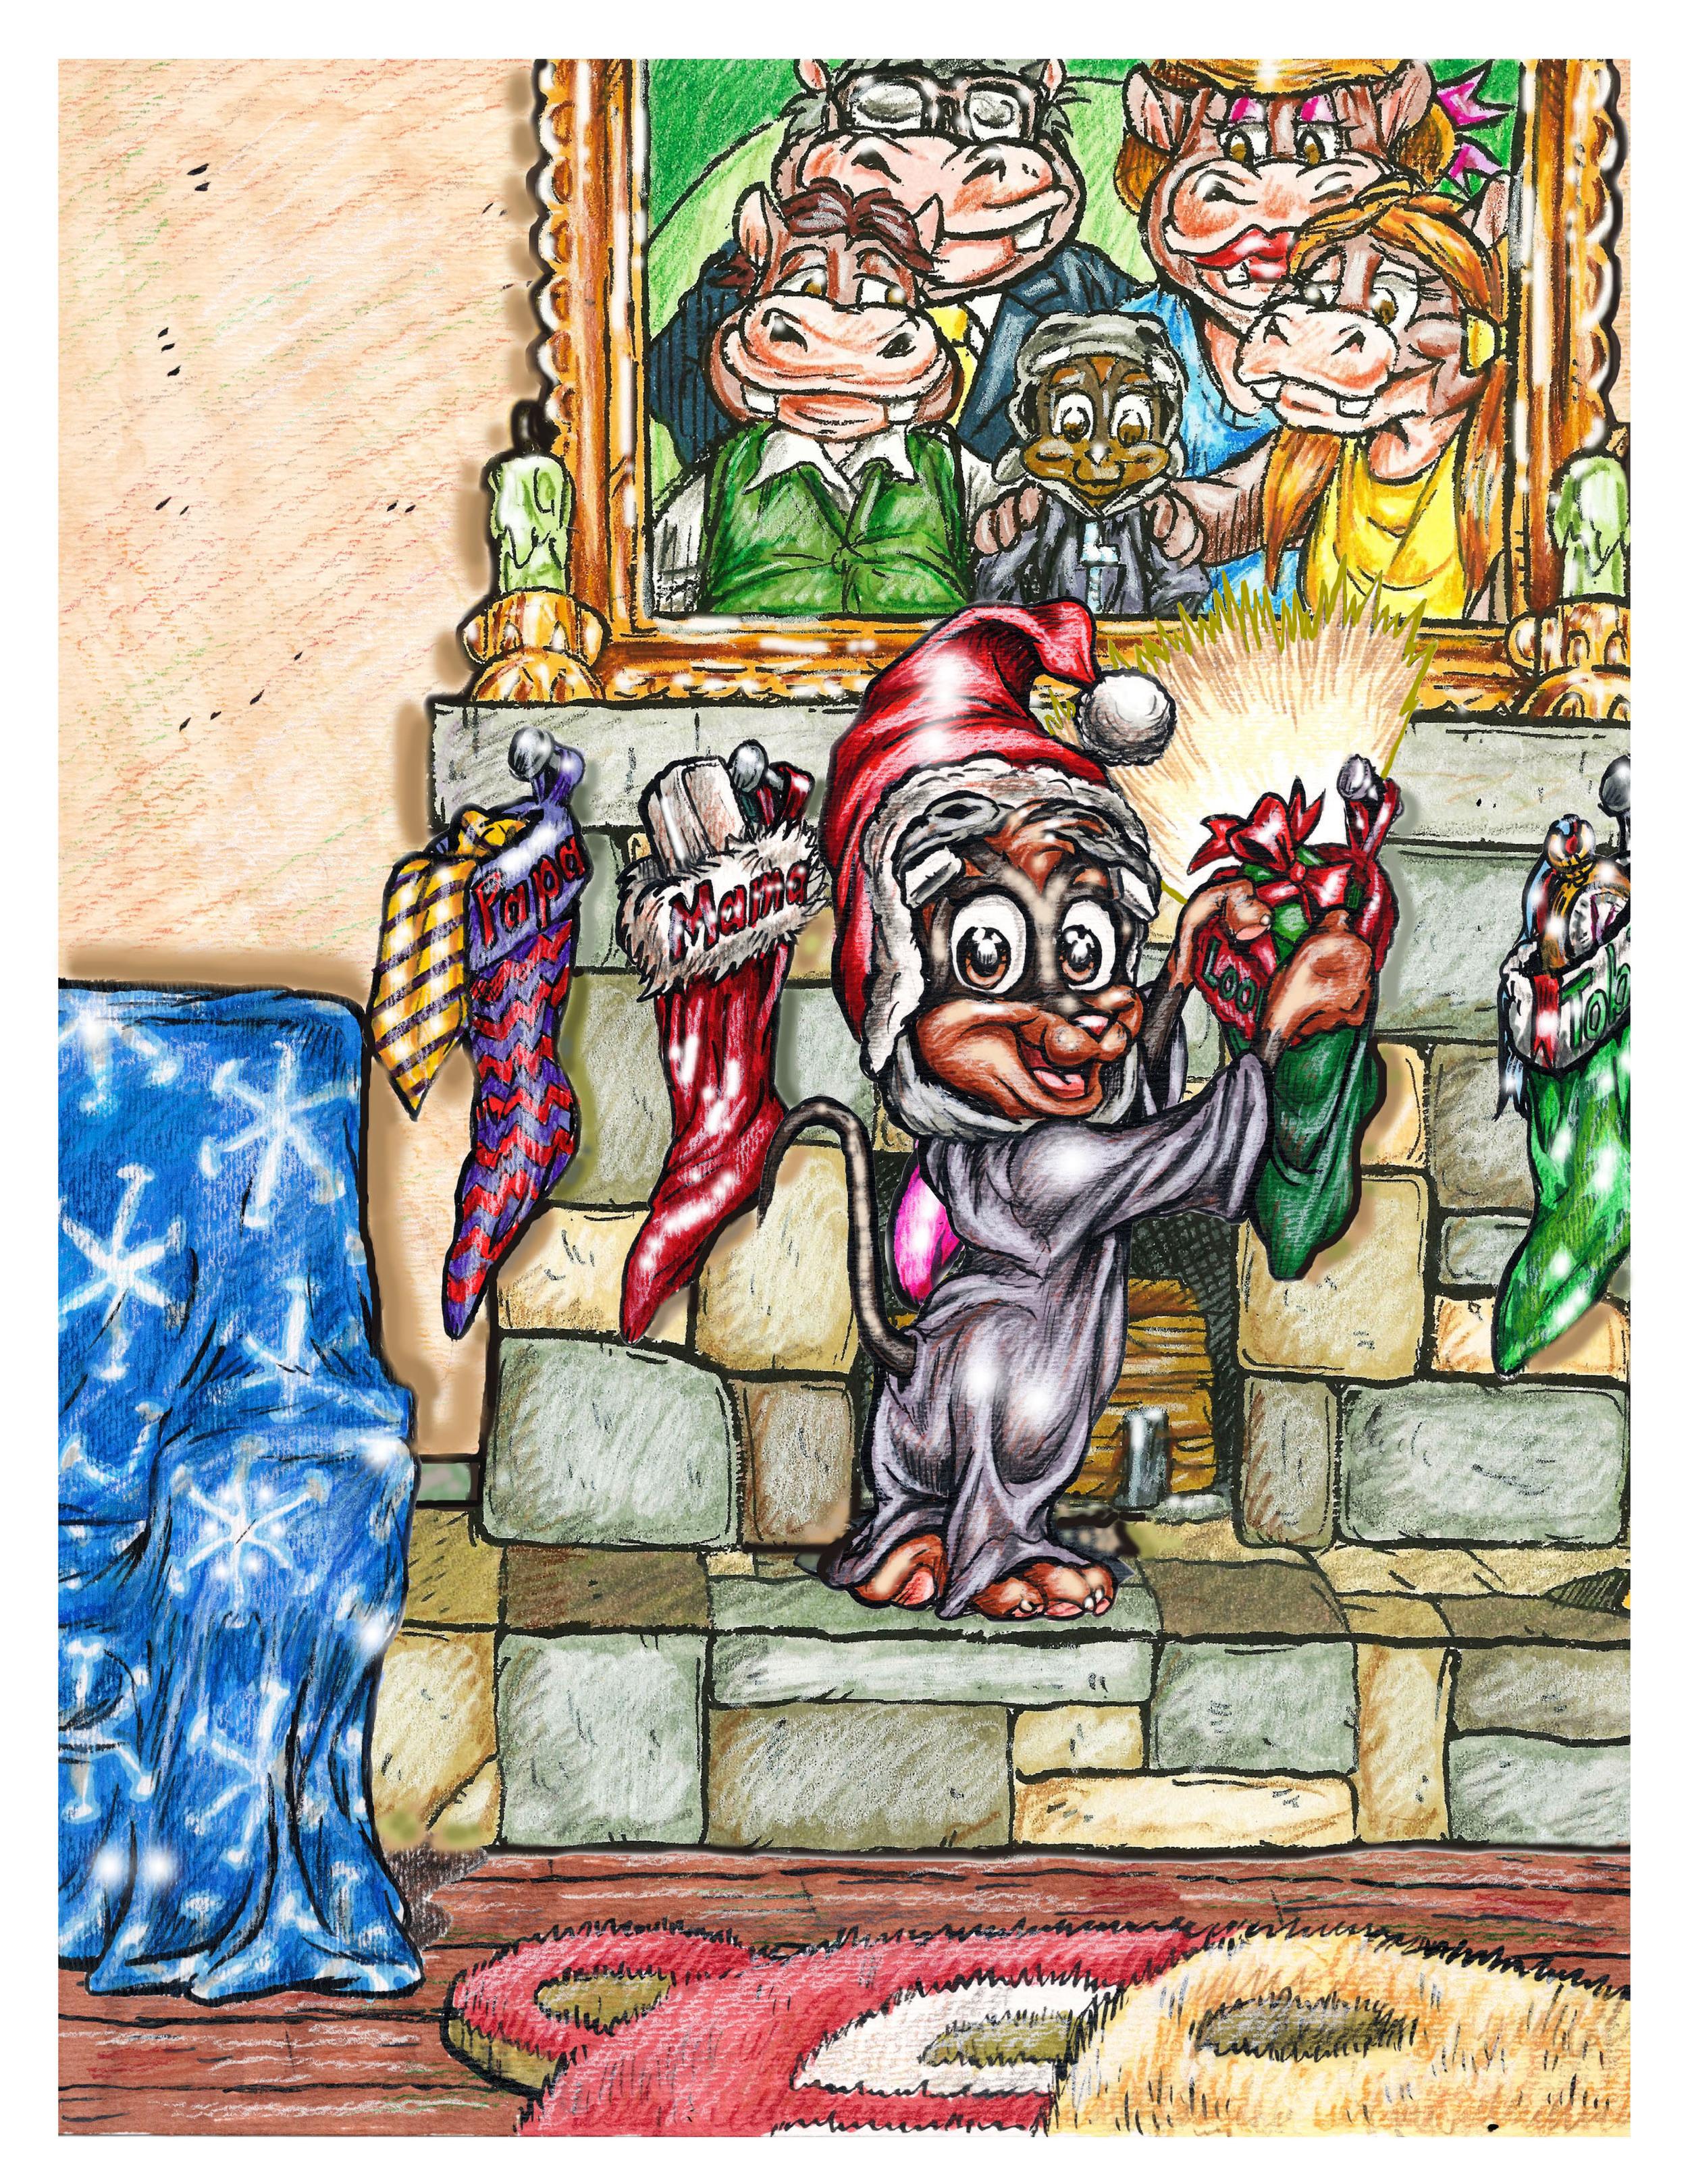 A_Loopiethotamus_Christmas_page_2